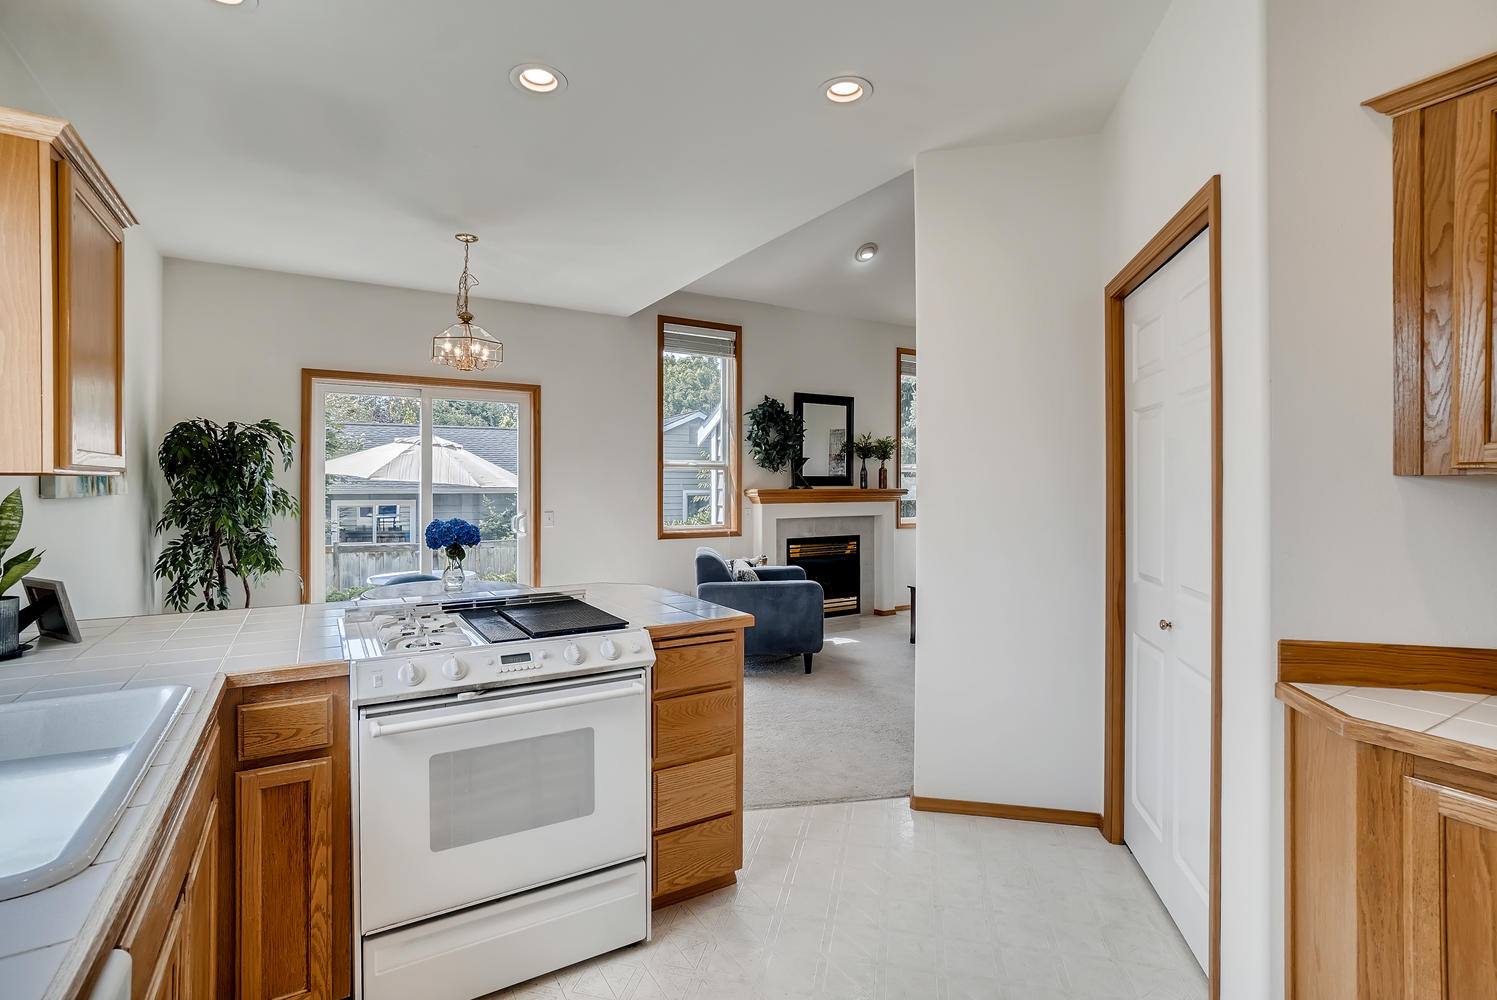 23232 9th Place W Bothell WA-large-015-013-Kitchen-1497x1000-72dpi.jpg